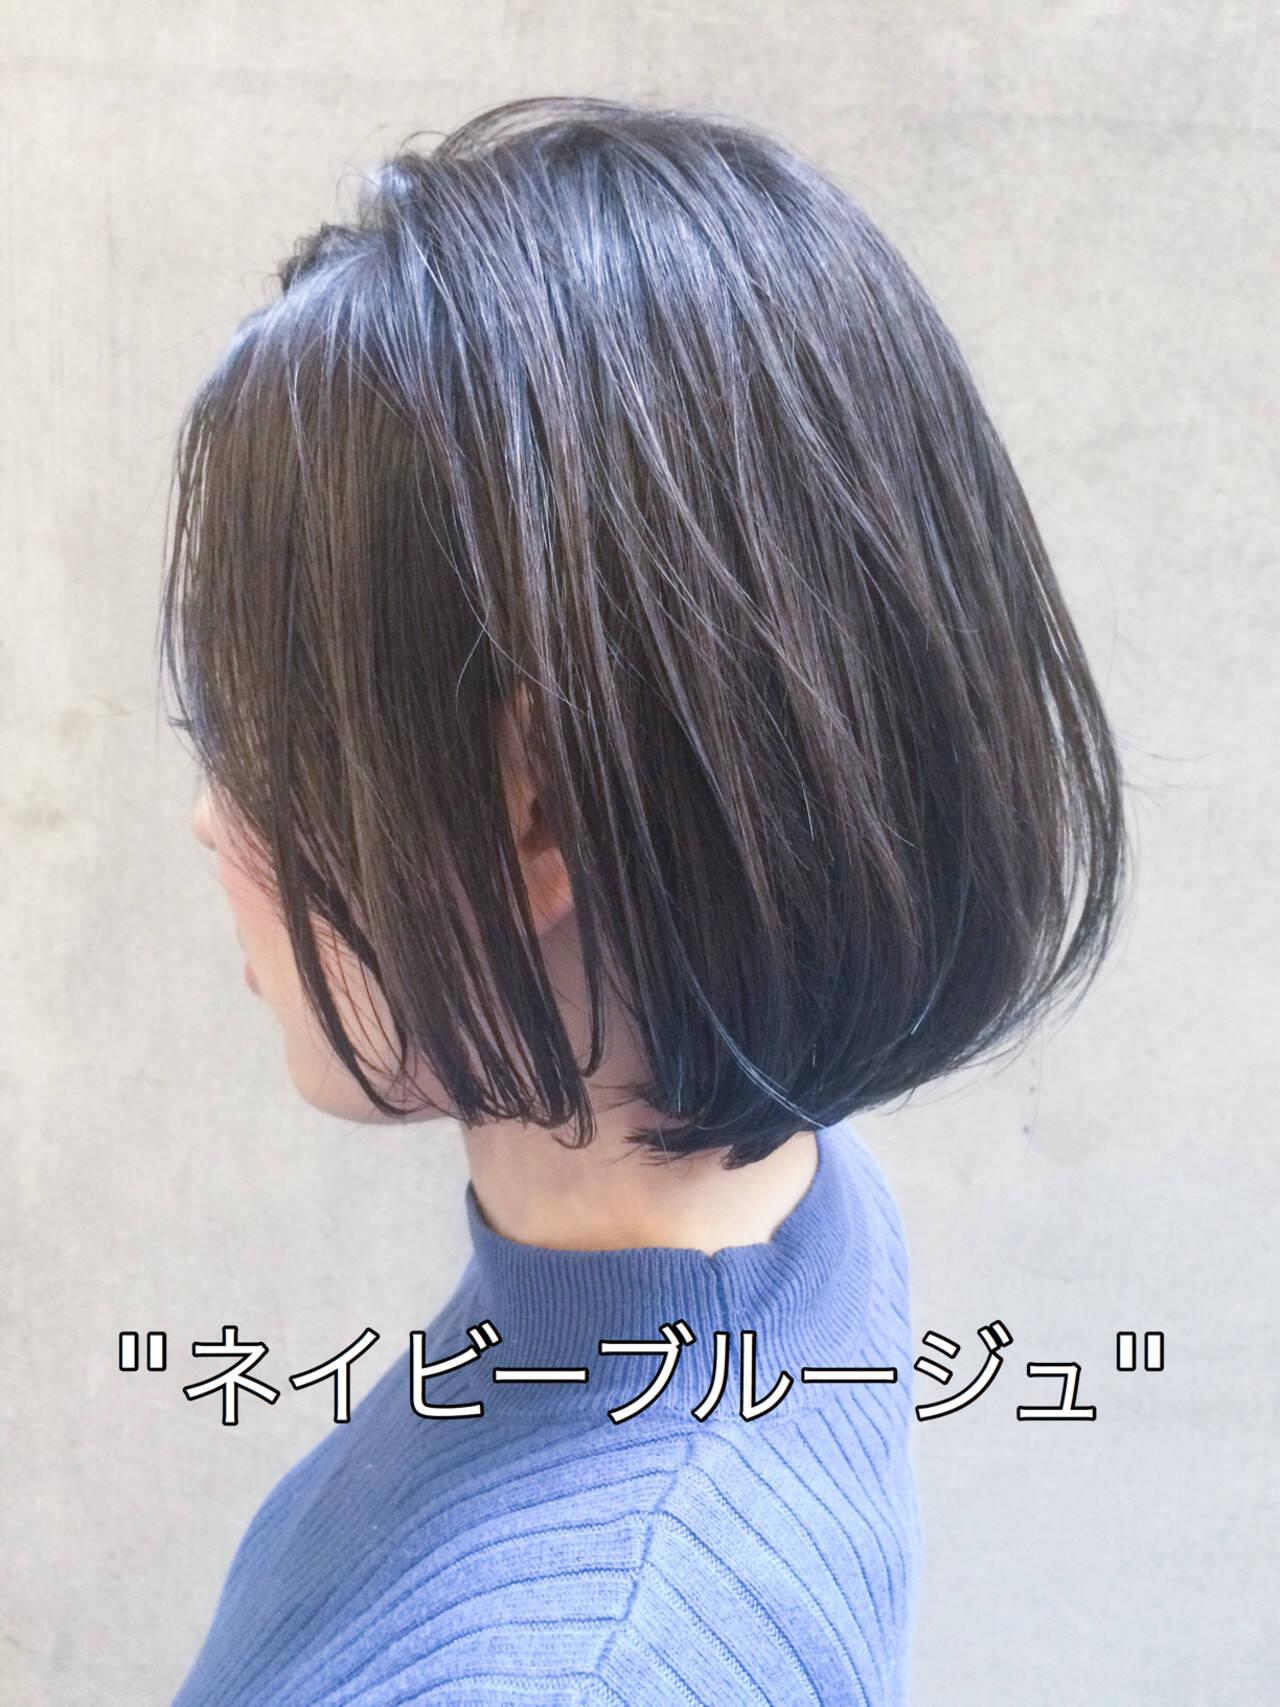 切りっぱなしボブ ミニボブ 外国人風カラー イルミナカラーヘアスタイルや髪型の写真・画像